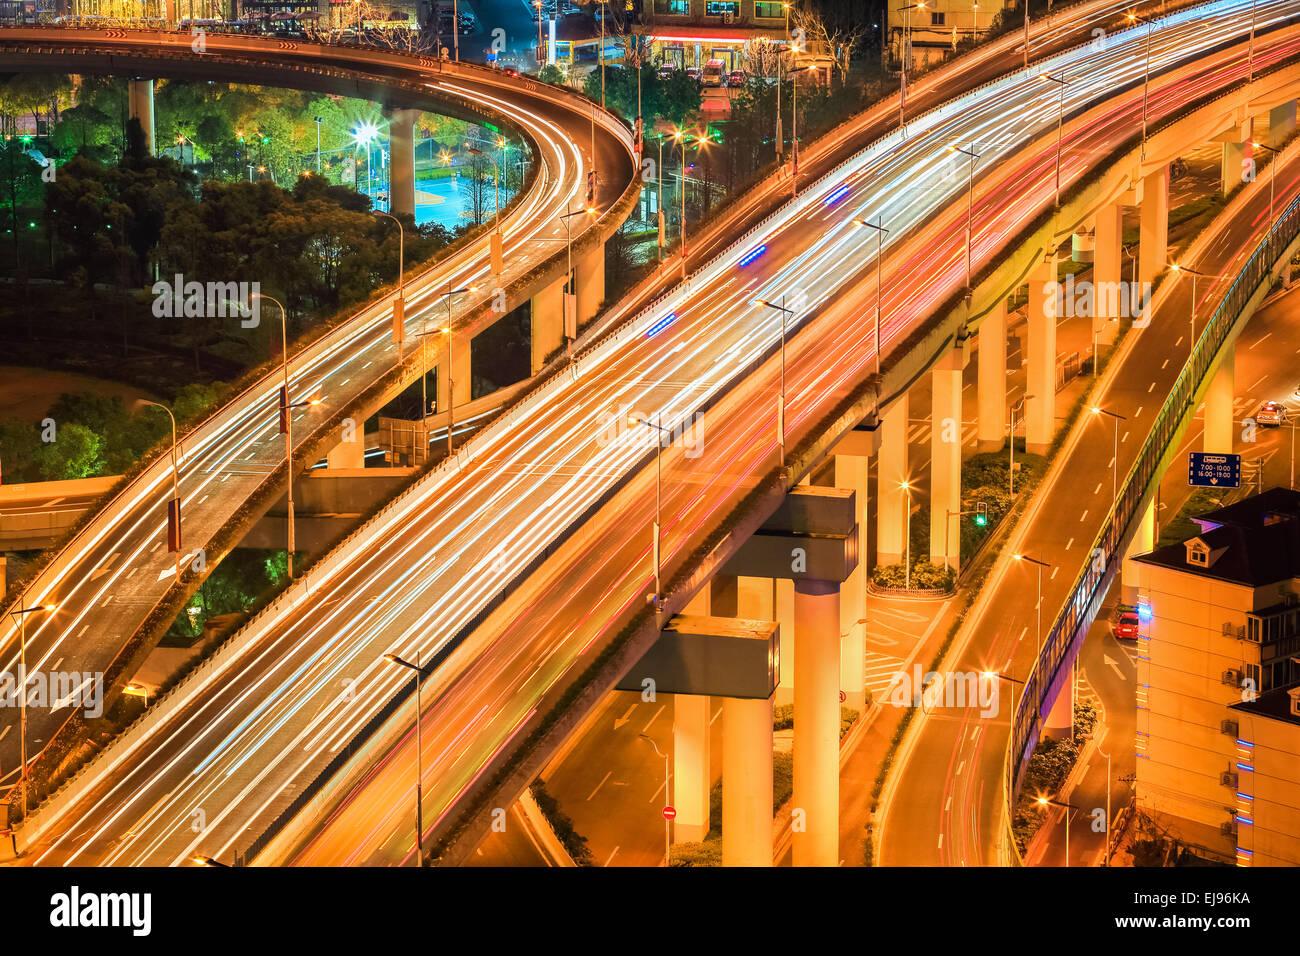 flyover closeup at night - Stock Image